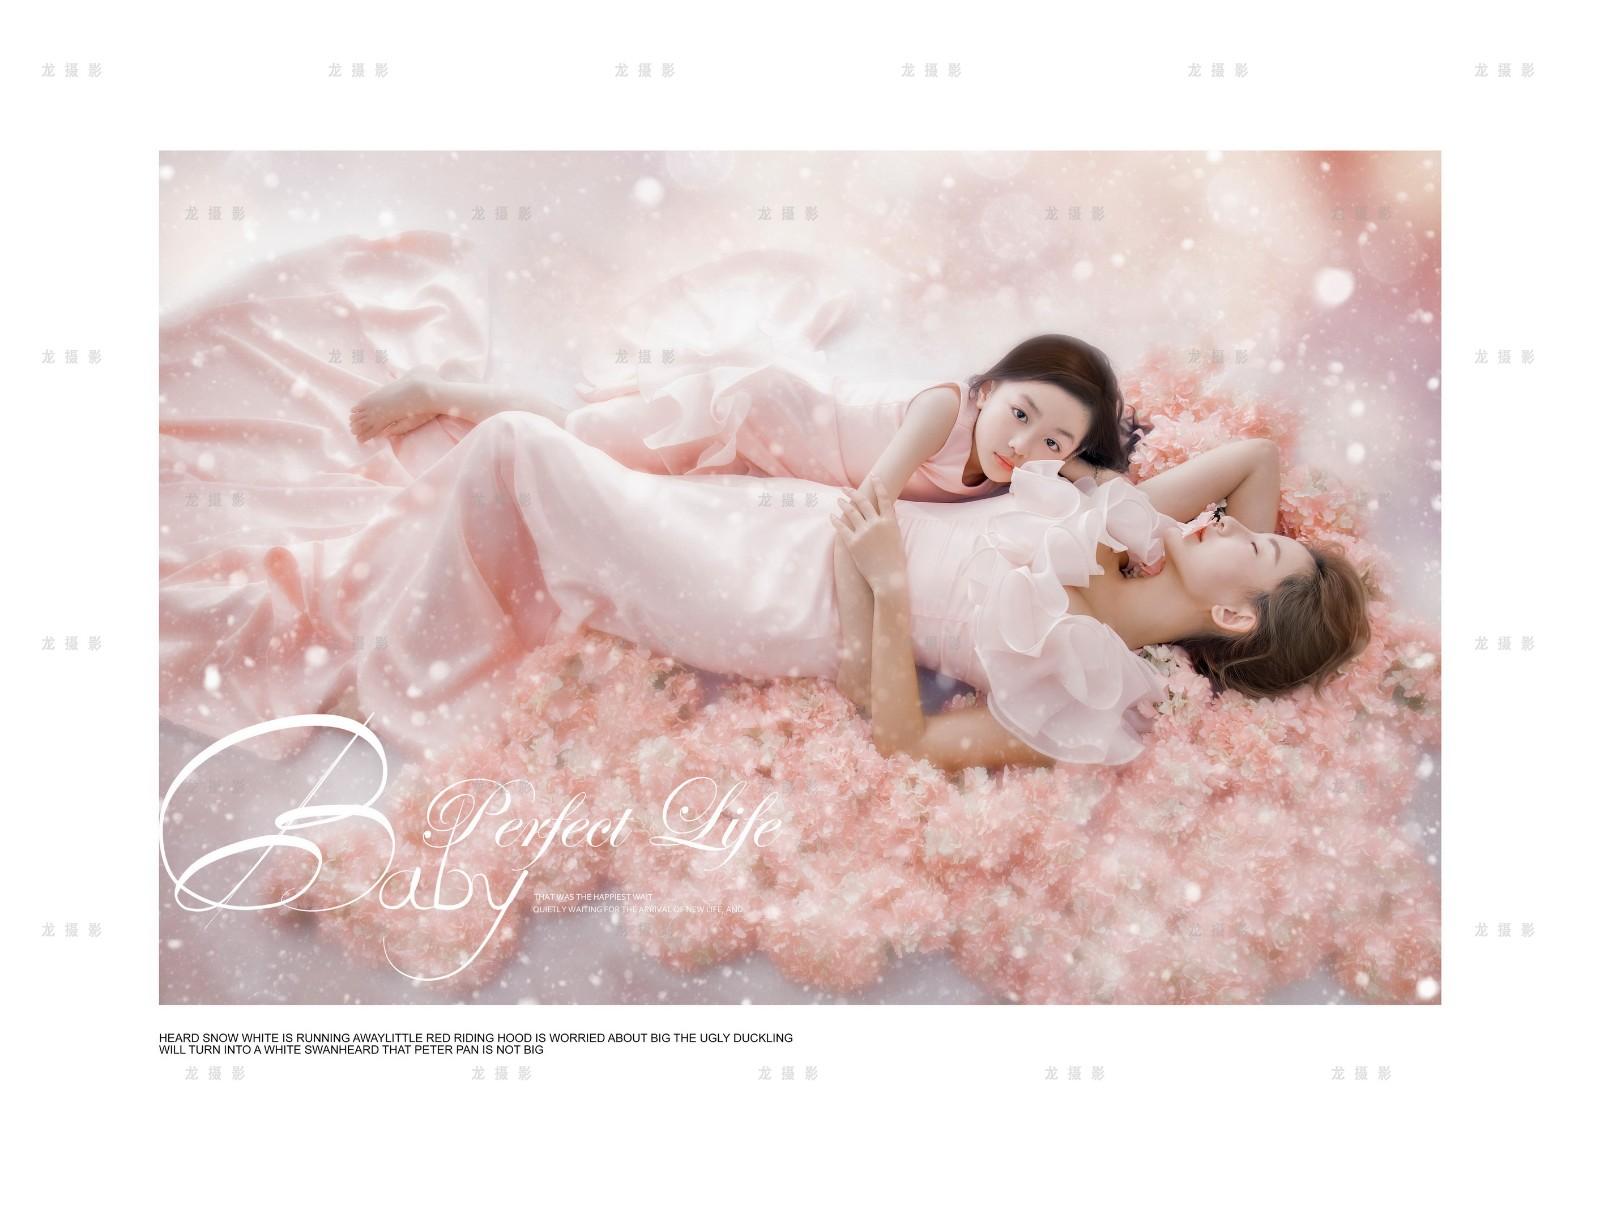 花语系列|样片展示-朝阳尊爵龙摄影有限公司